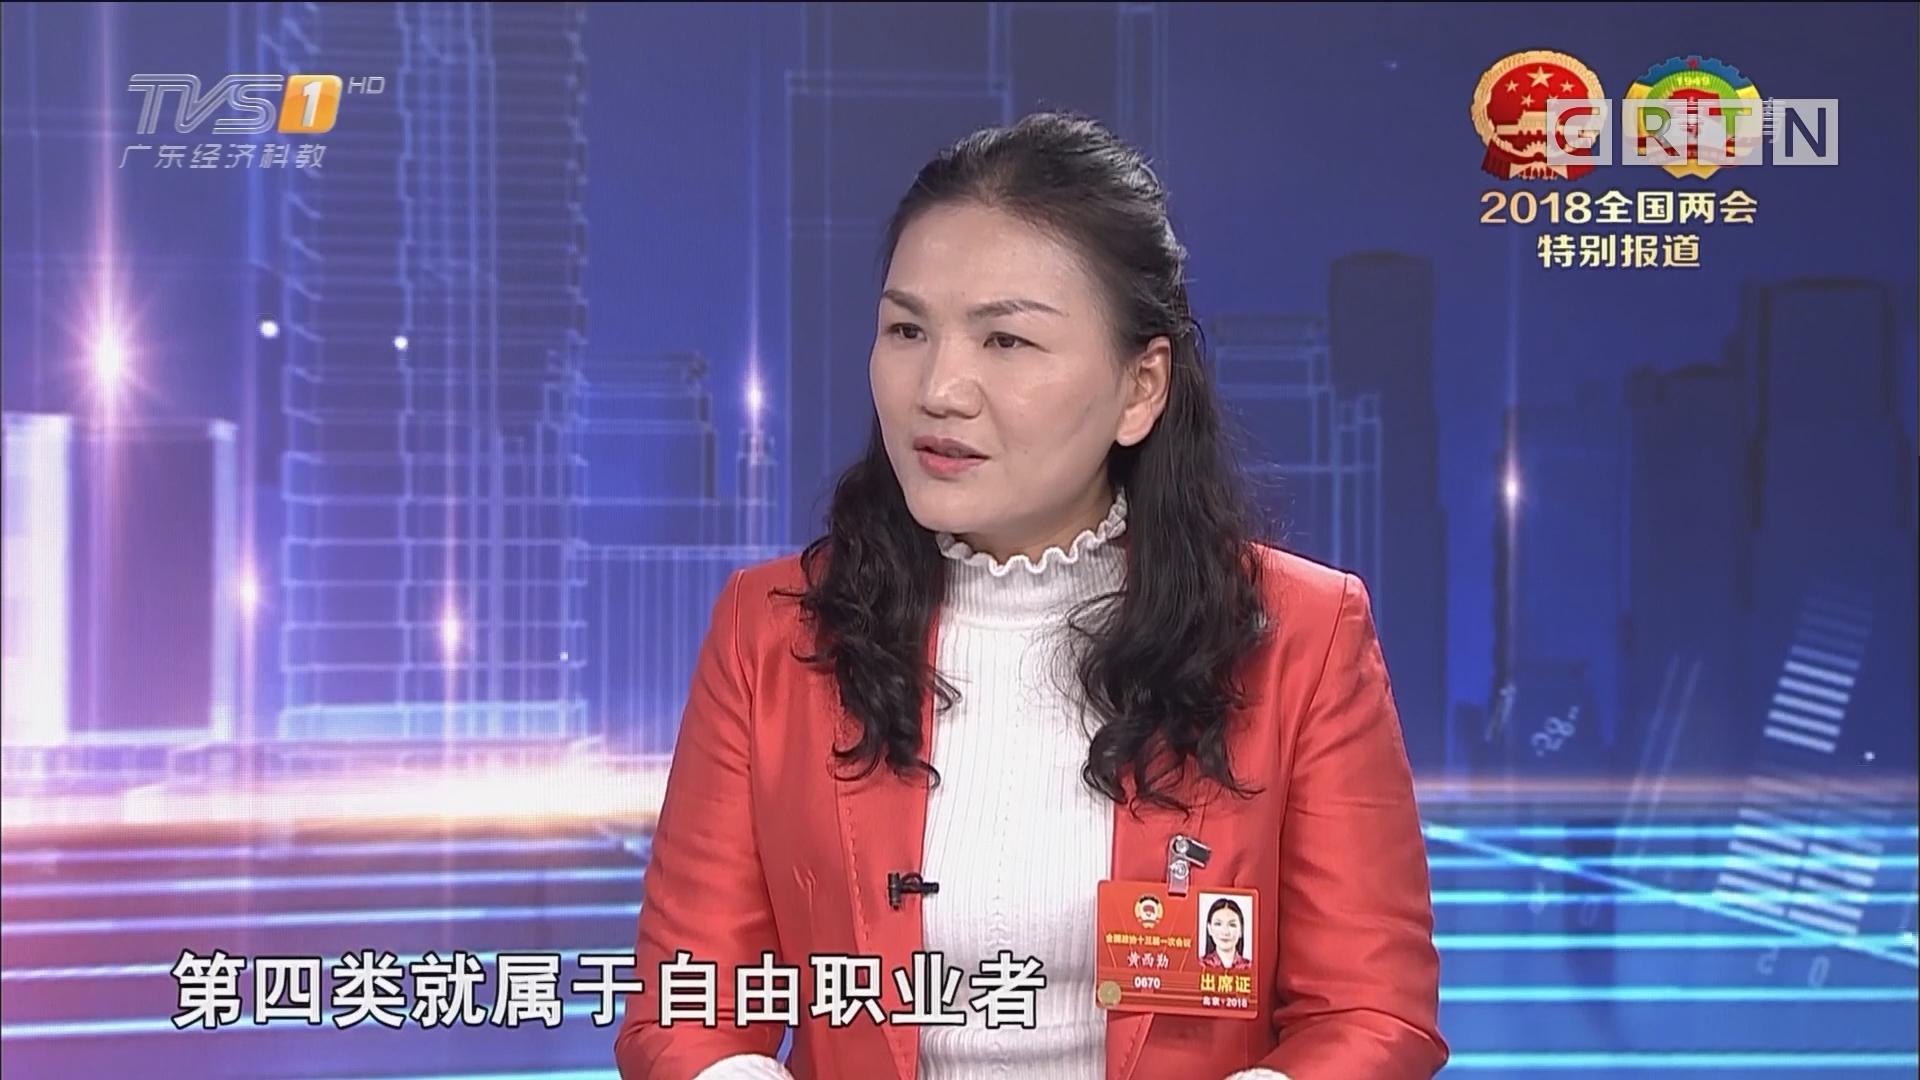 北京时间 全国政协委员黄西勤:凝聚新阶层新力量 为乡村振兴做贡献